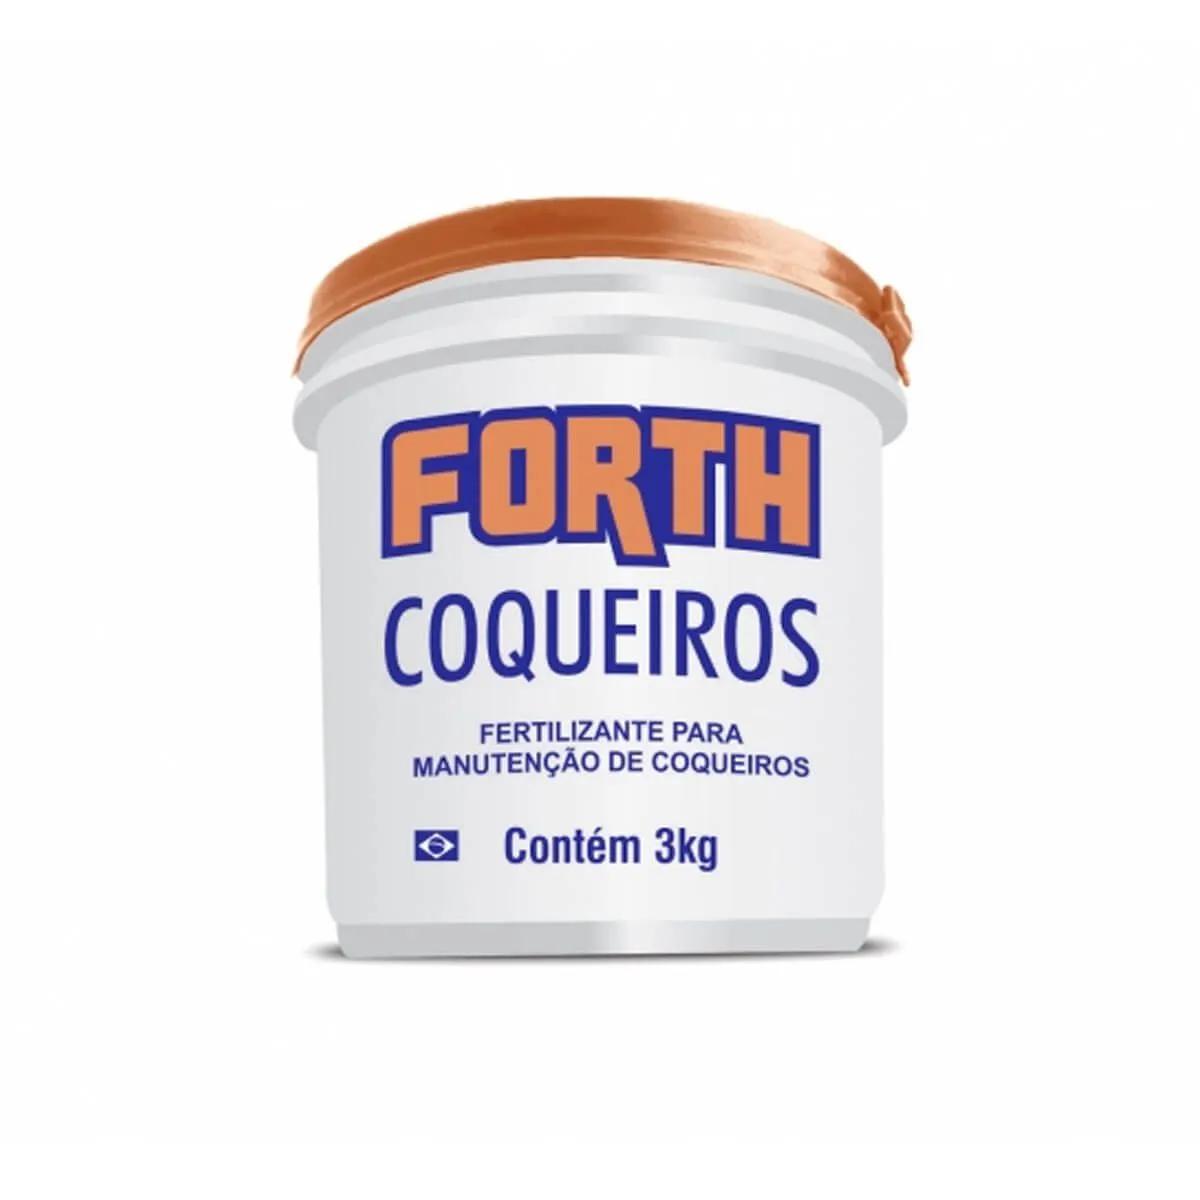 Fertilizante para plantas Forth Coqueiros 3kg  - Vasos Raiz Loja Oficial